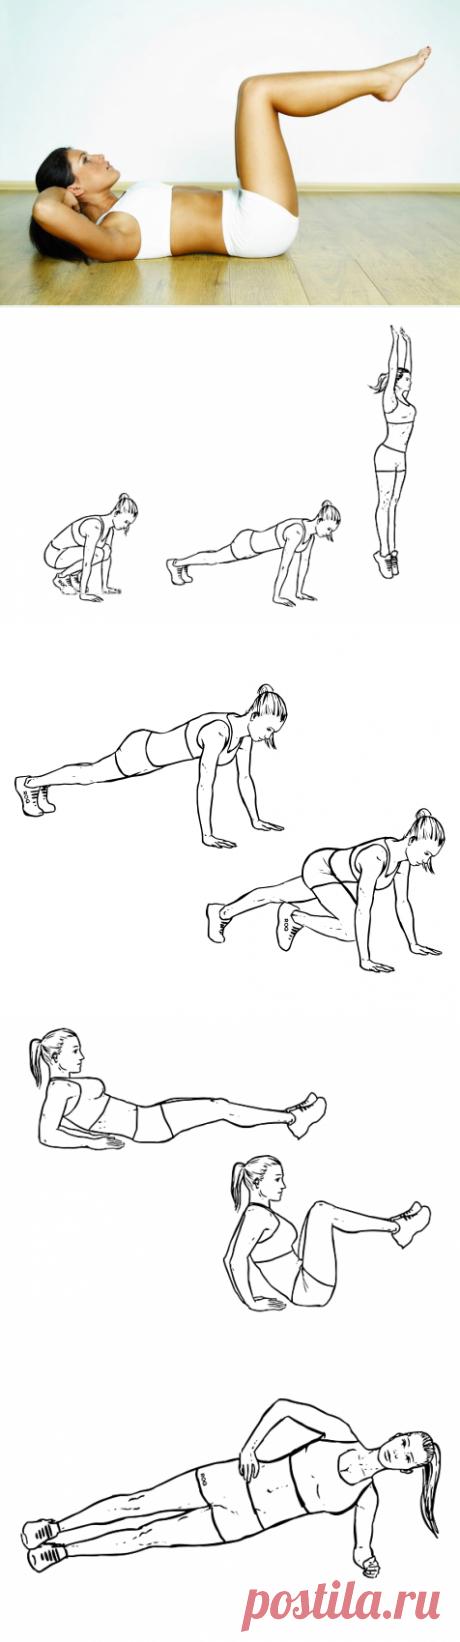 Как избавиться от обвисшего живота дома - Упражнения для похудения - Солиночка - женский журнал: красота, мода, стиль, здоровье.